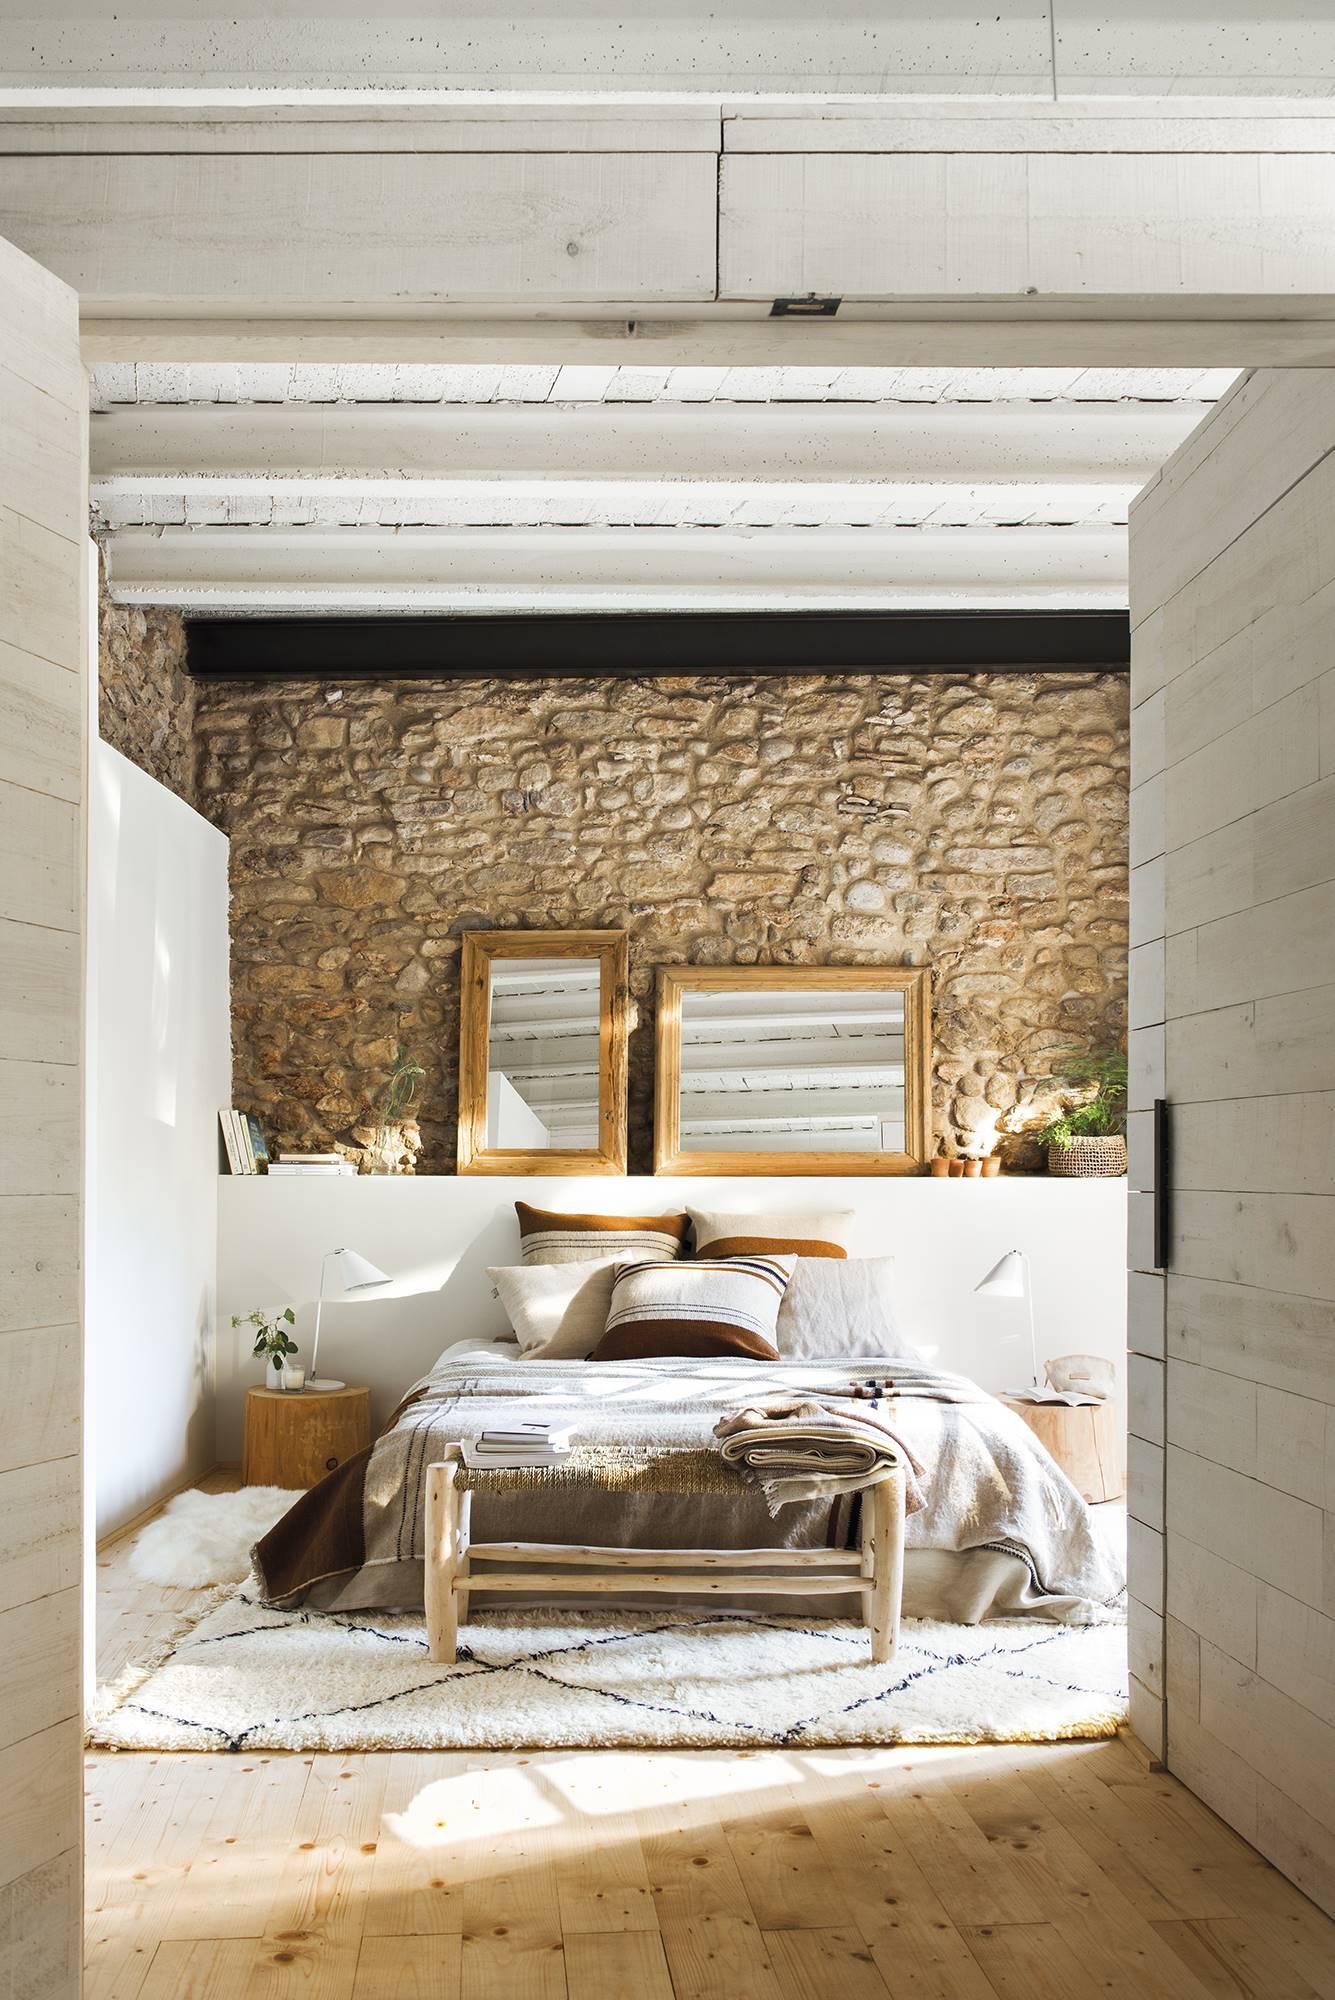 Rusztikus kőburkolatot kapott a hálószoba fala is